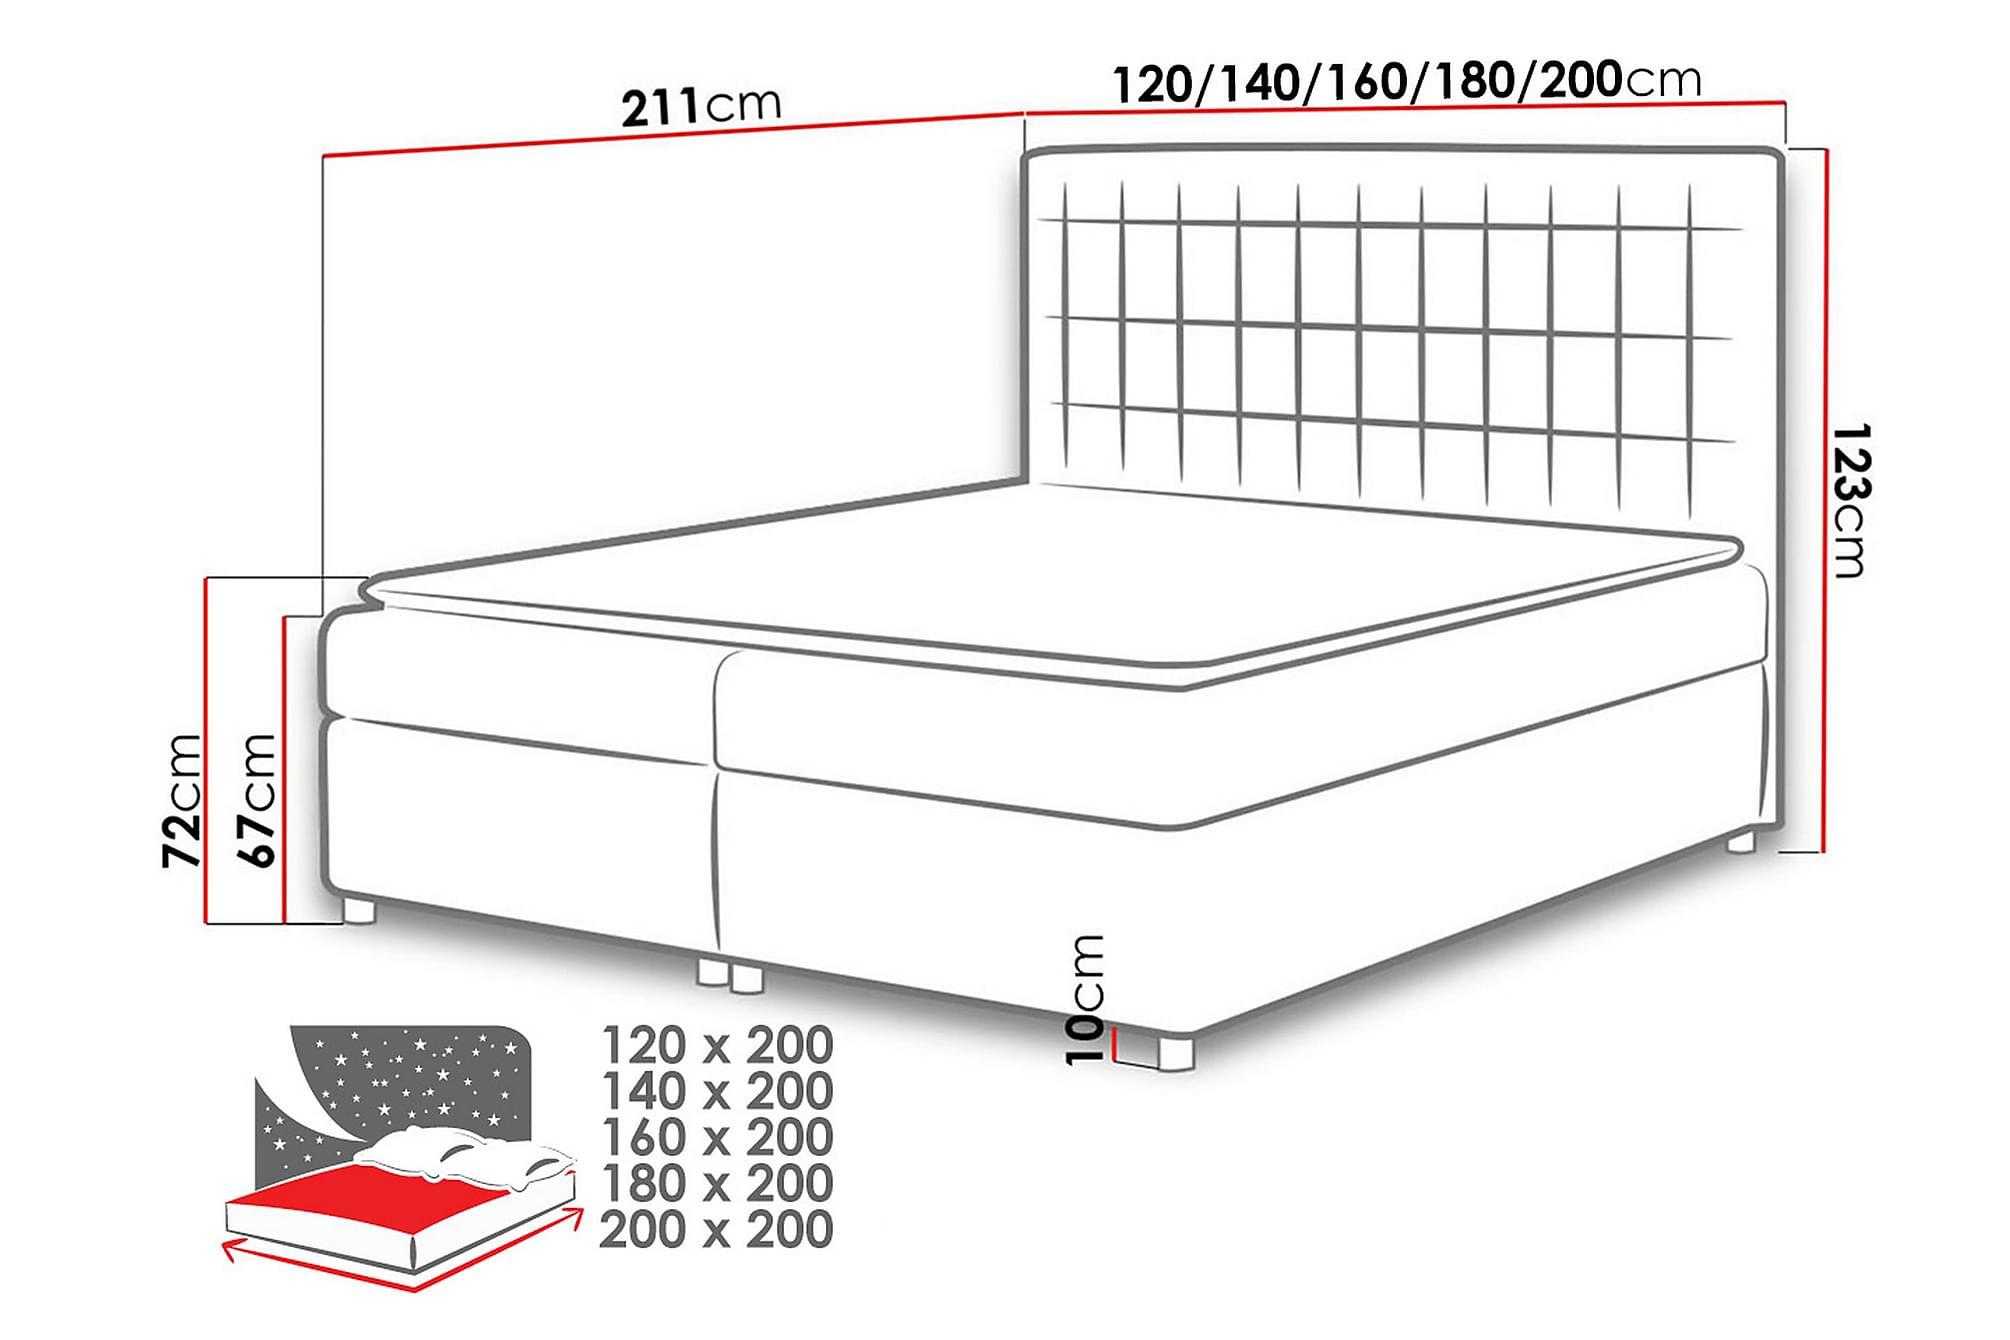 ASADUR Sängpaket 200x200 cm Grön, Sängar